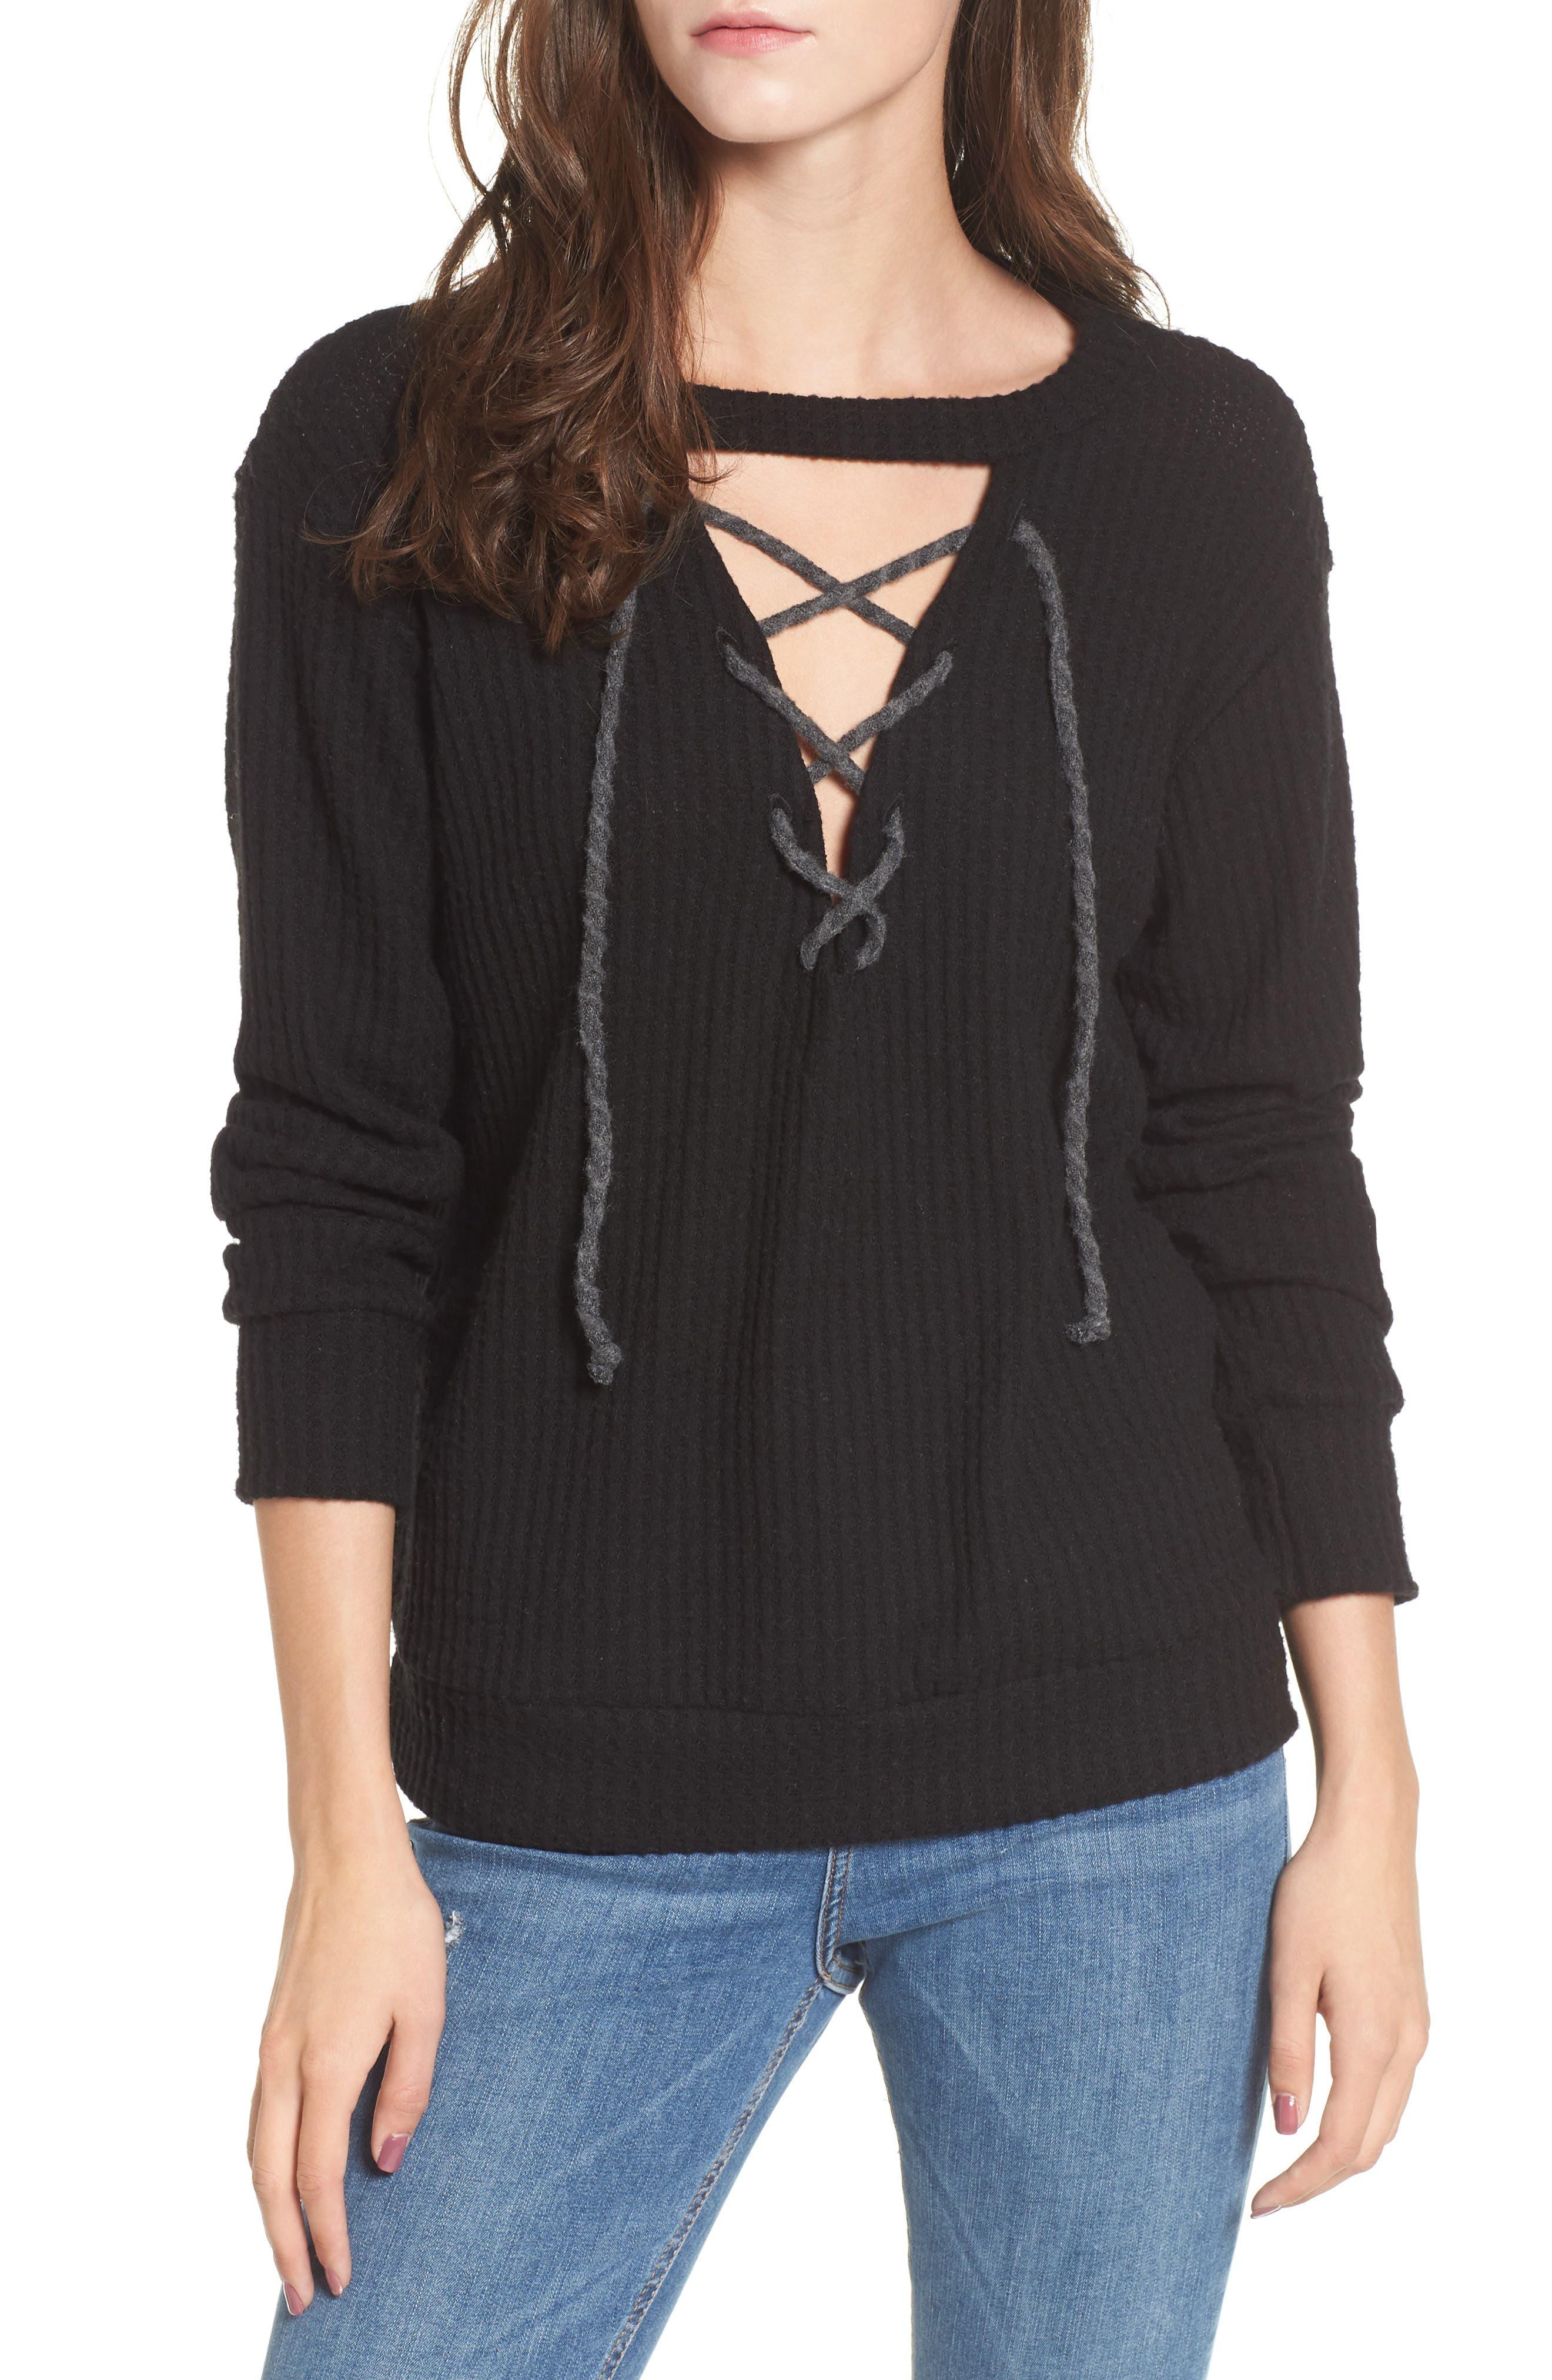 Main Image - LNA Lace-Up Waffle Knit Sweater